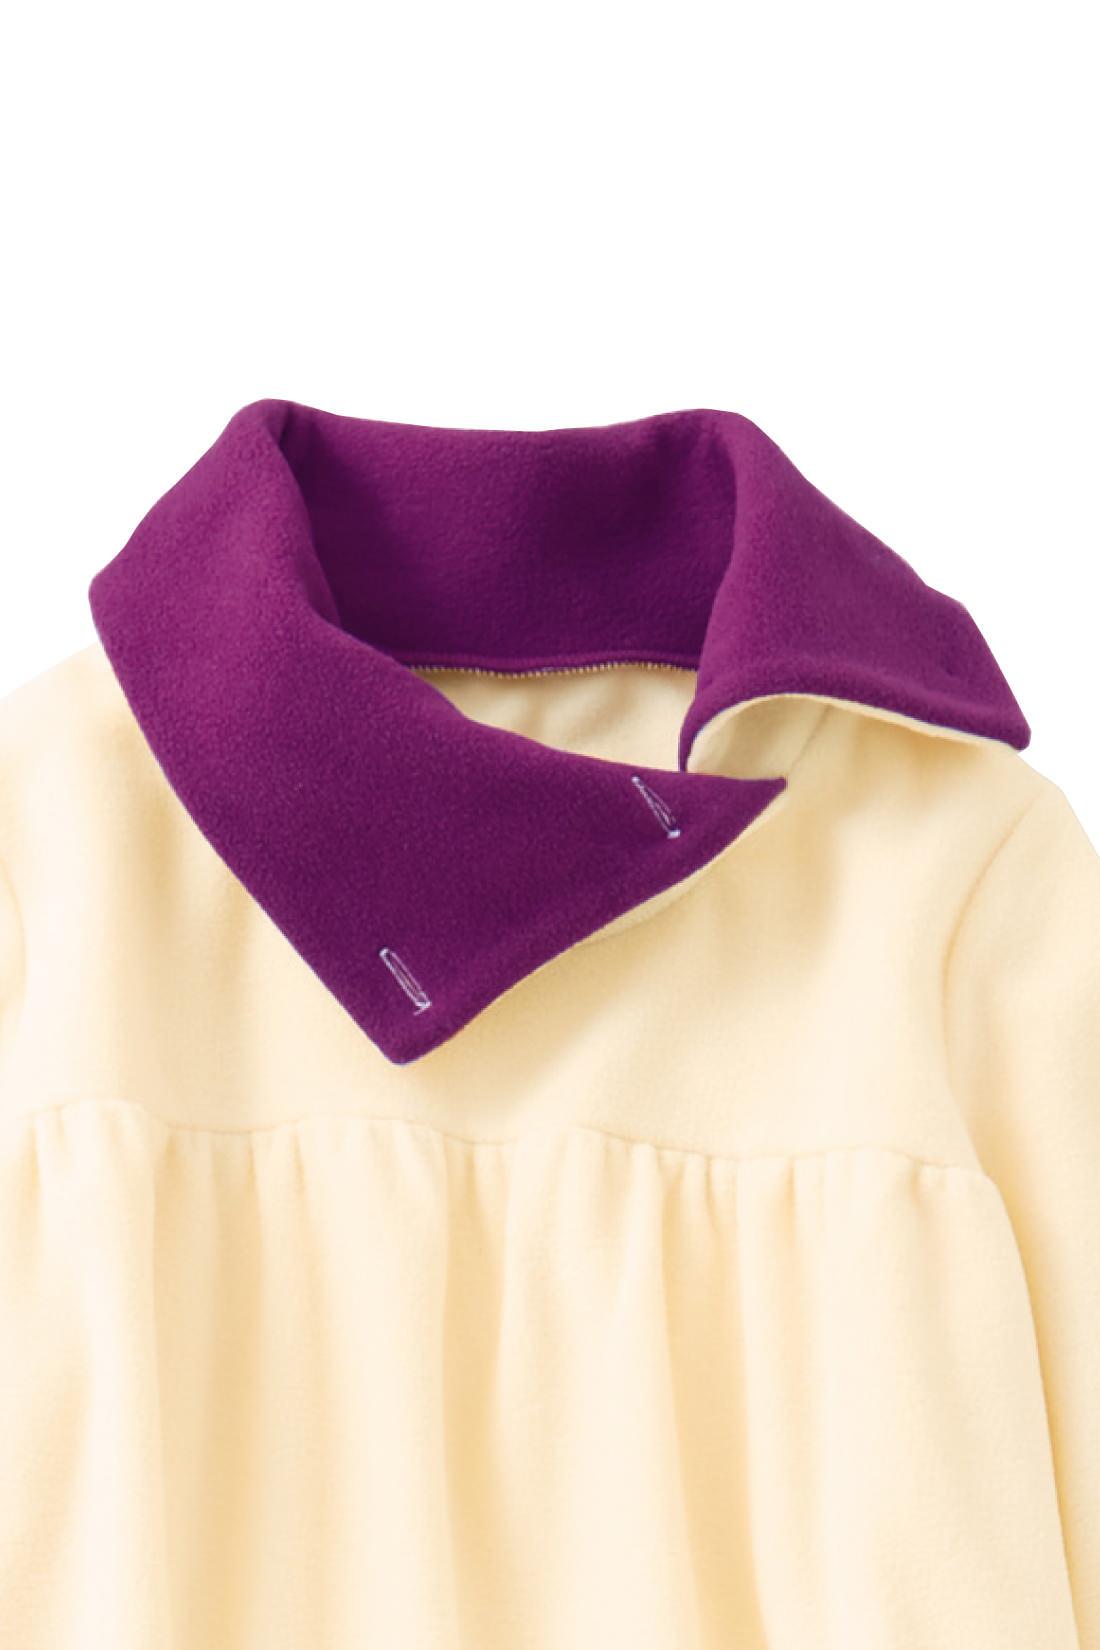 ボタンを閉じれば寒がりな首もとがすっぽり包み込まれる、衿高デザインです。